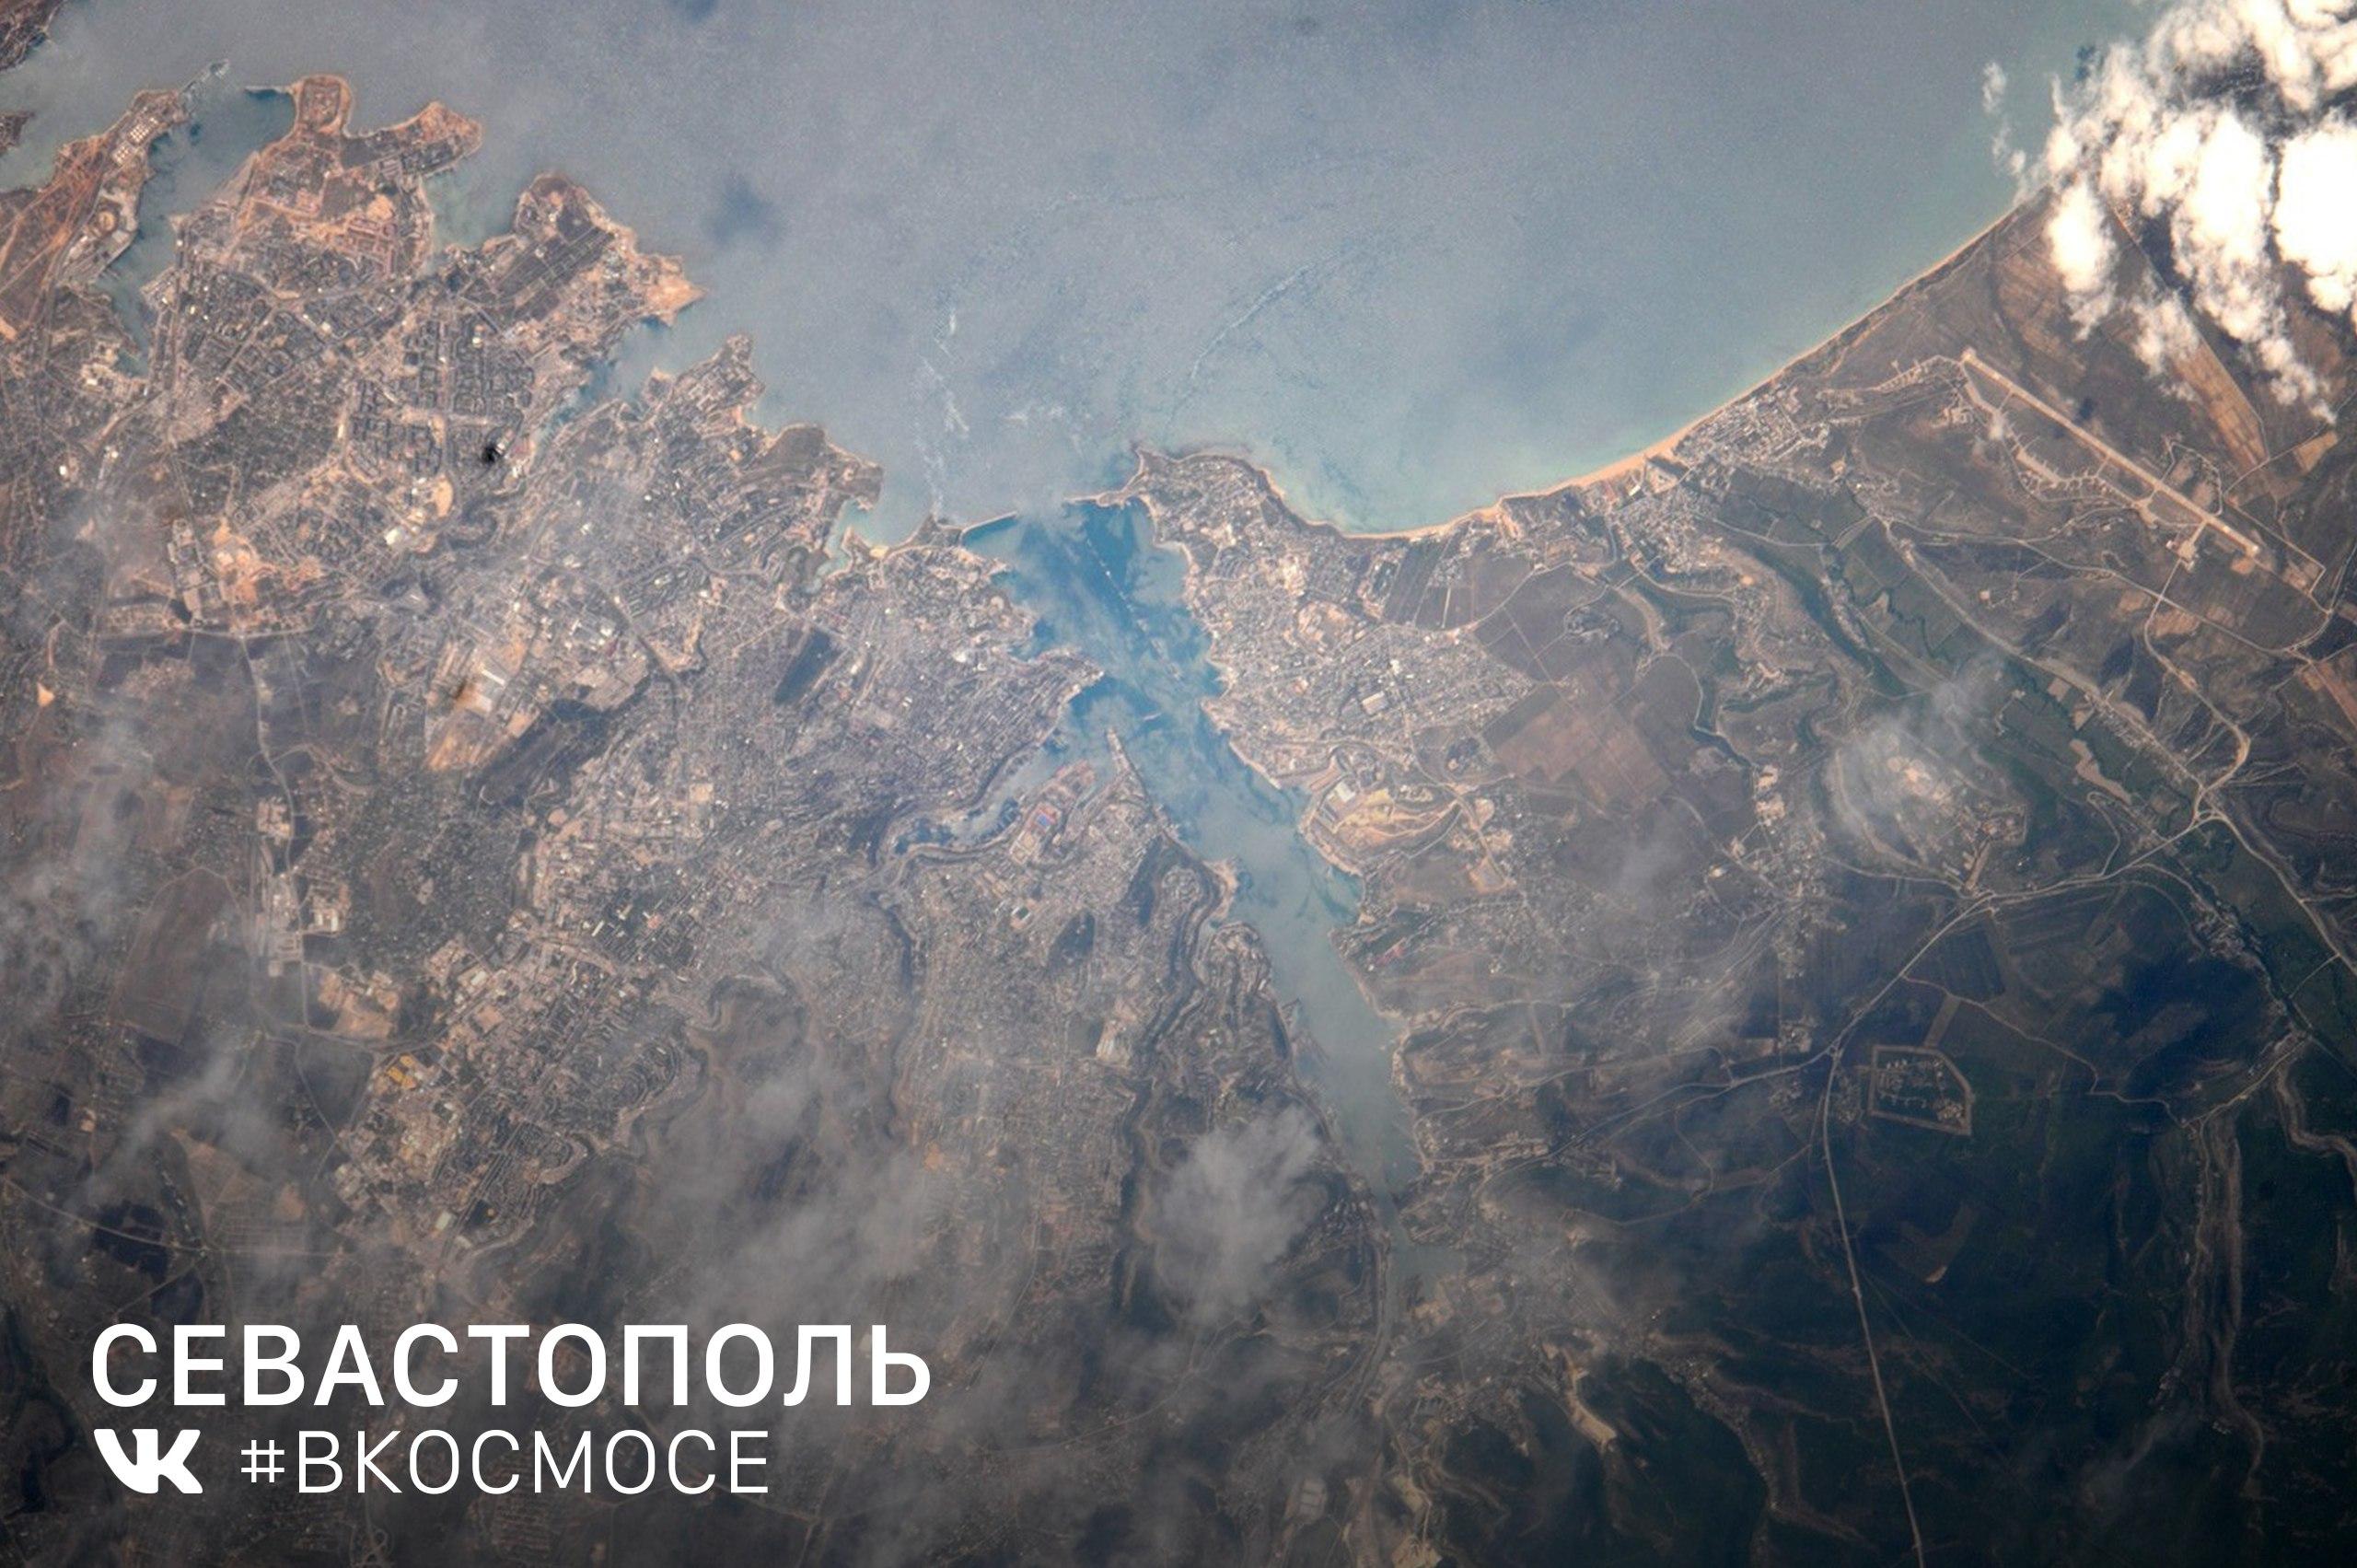 Фото: космонавт Олег Артемьев / Роскосмос